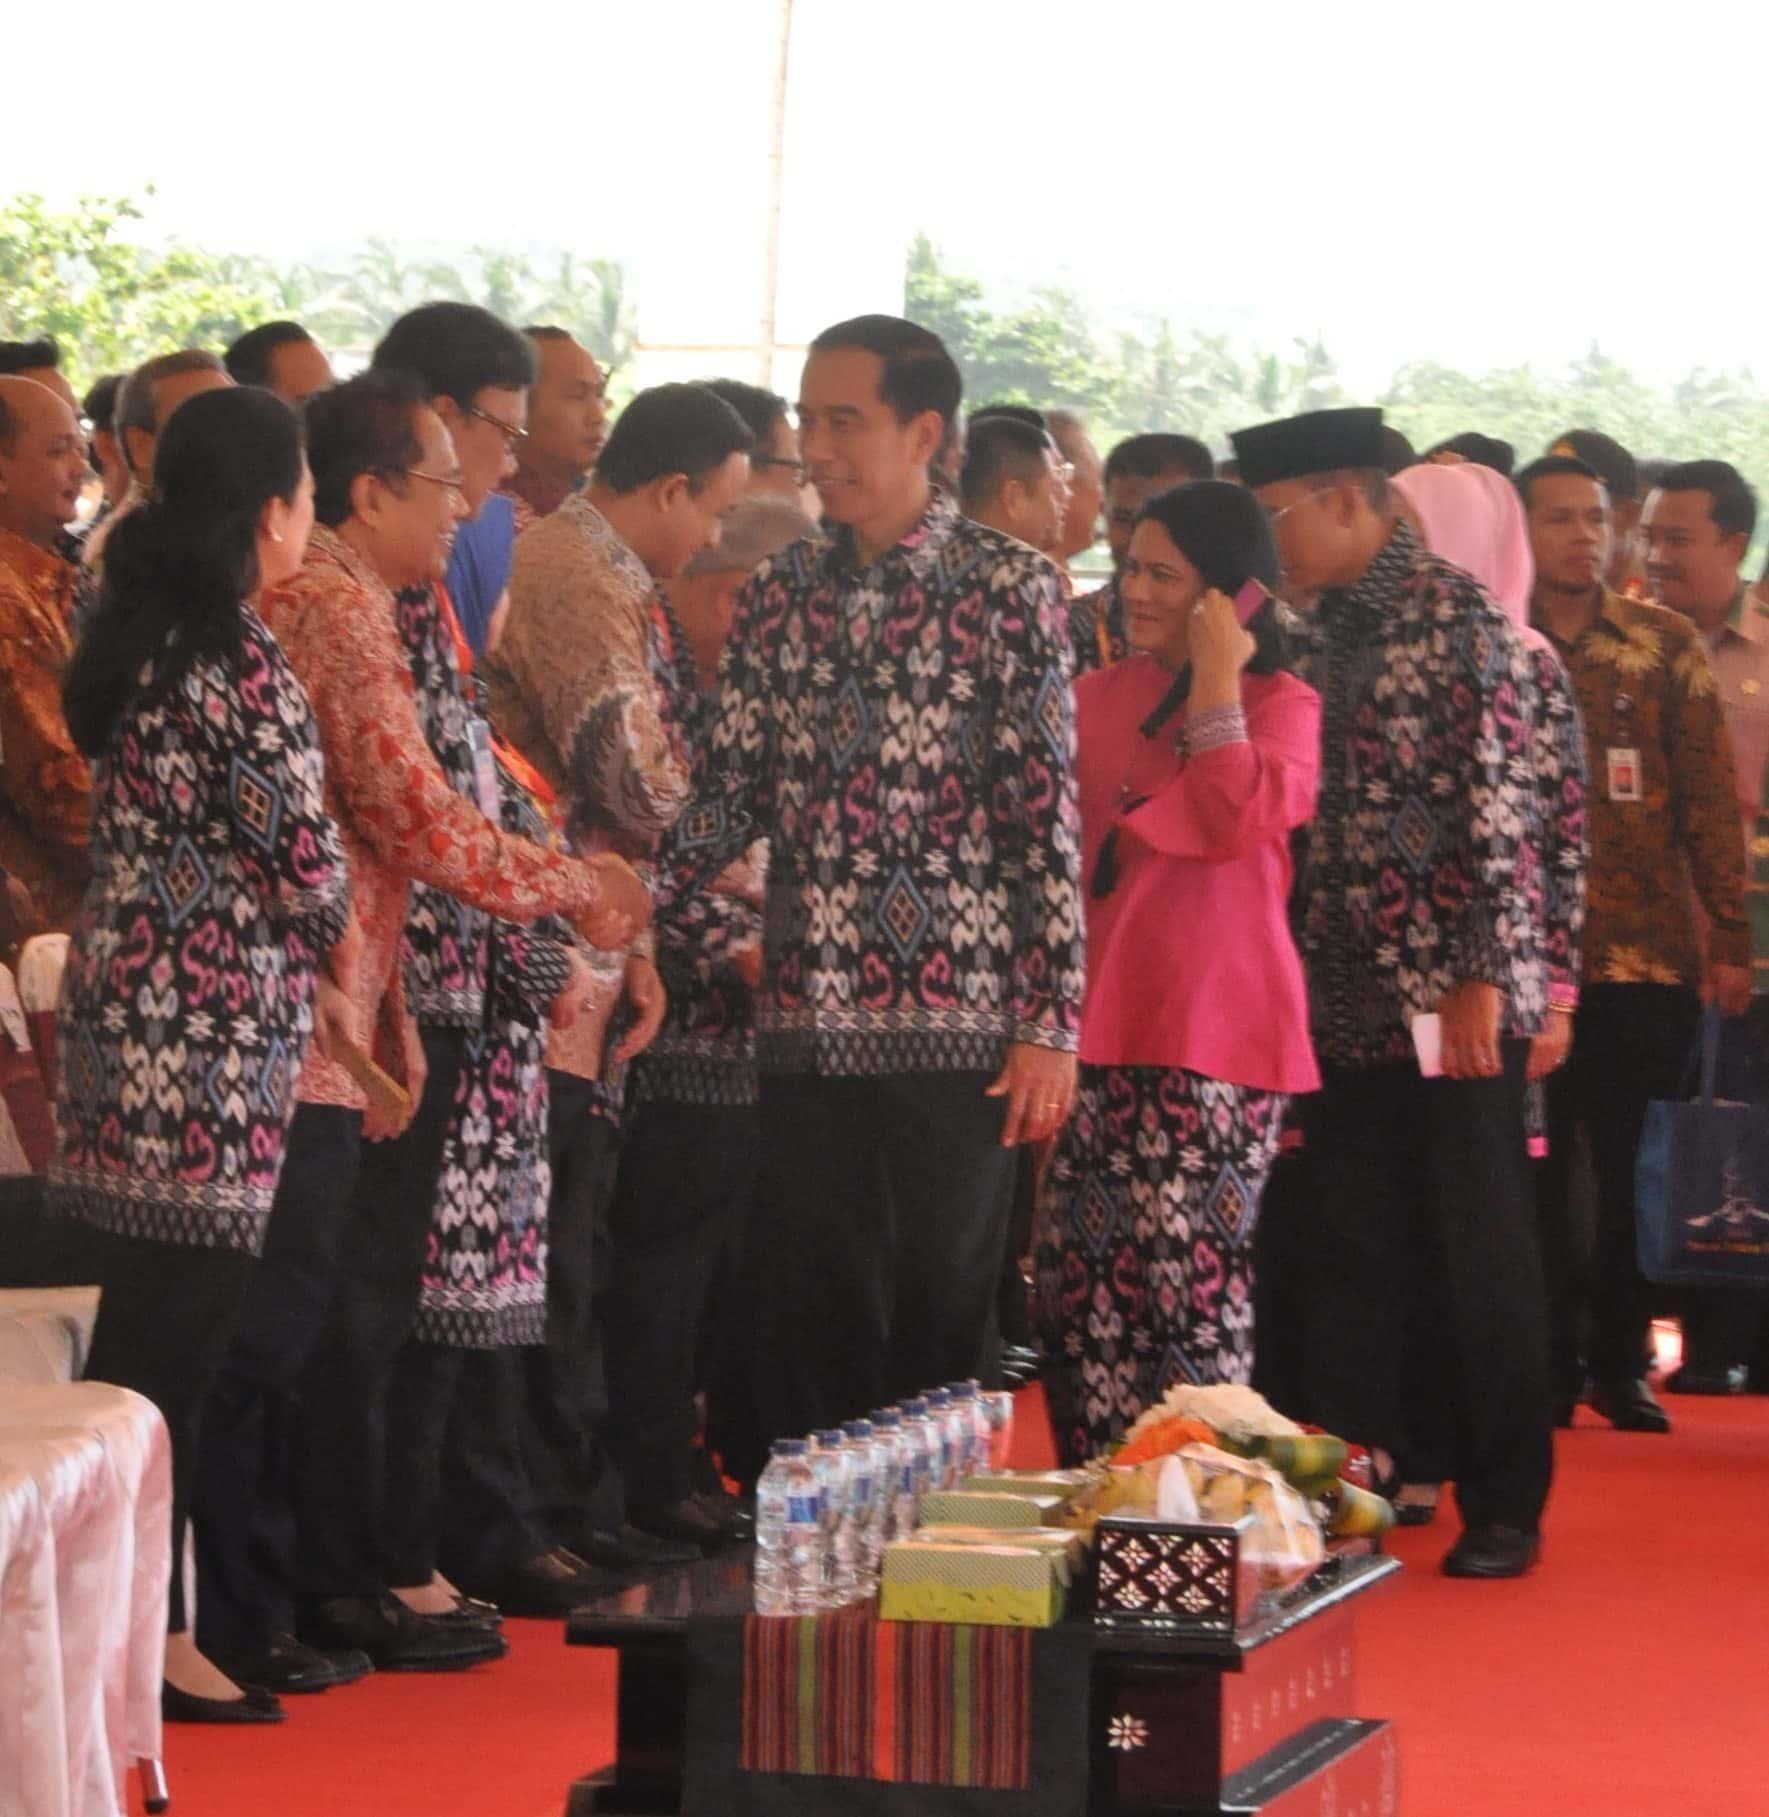 5Presiden RI Jokowi dan Ibu Iriana Jokowi hadir pada peringatan Hari Pers Nasional 2016 di pantai Mandalika Lombok Selatan NTB pada 9-2-2016.